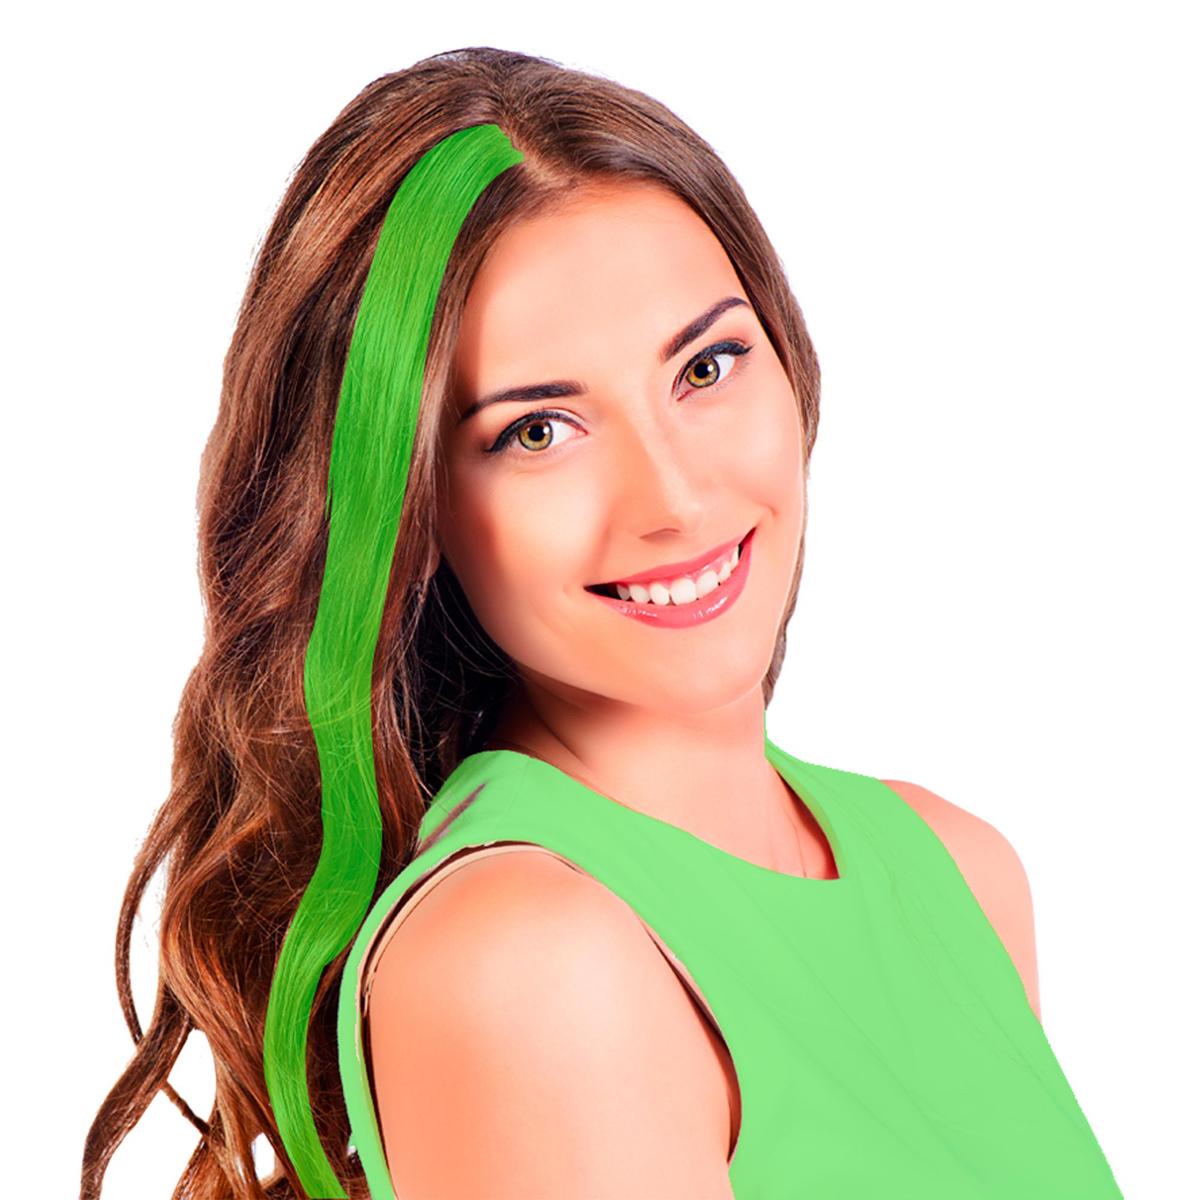 Mèche \'Coloriage\' vert (faux cheveux) - 40 cm - [R2727]